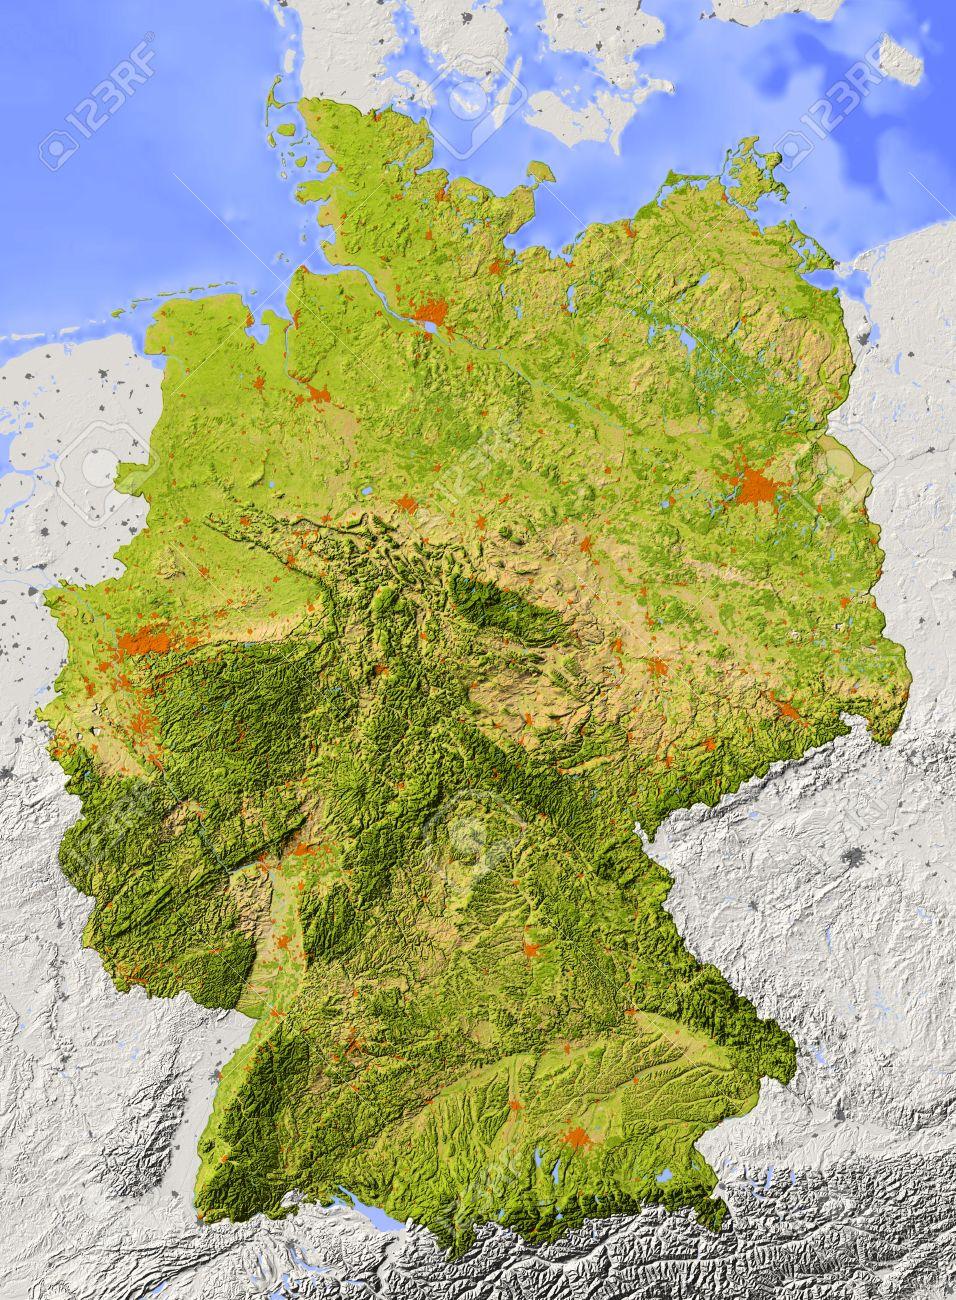 geo karte deutschland Deutschland. Geographische Karte. Umliegende Gebiet Ausgegraut